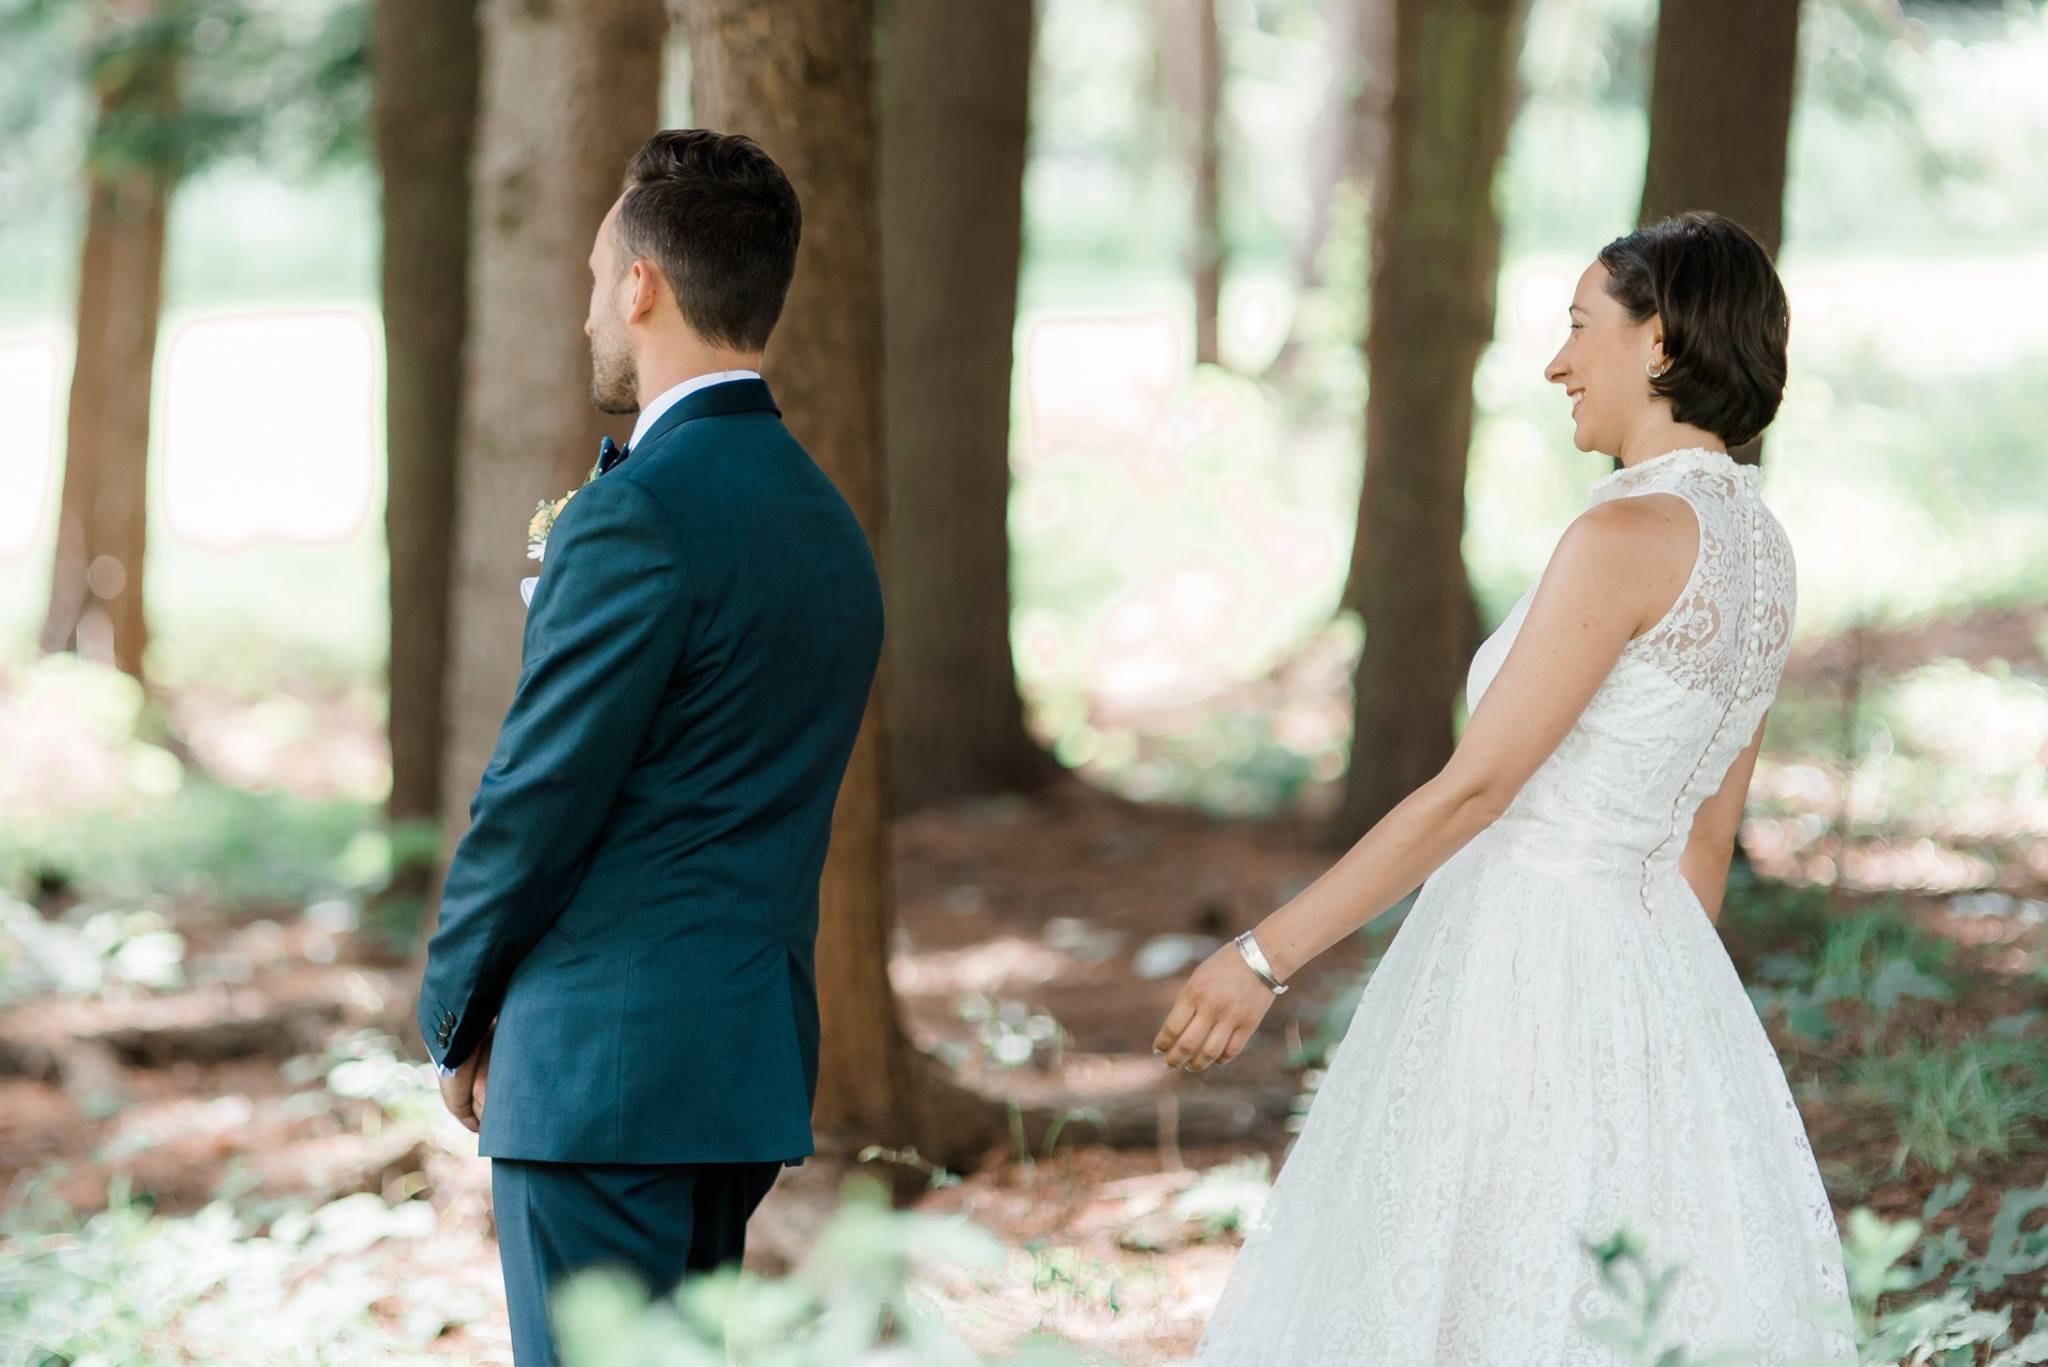 backyard-farm-barn-mountaintop-pennsylvania-wedding-0008.jpg